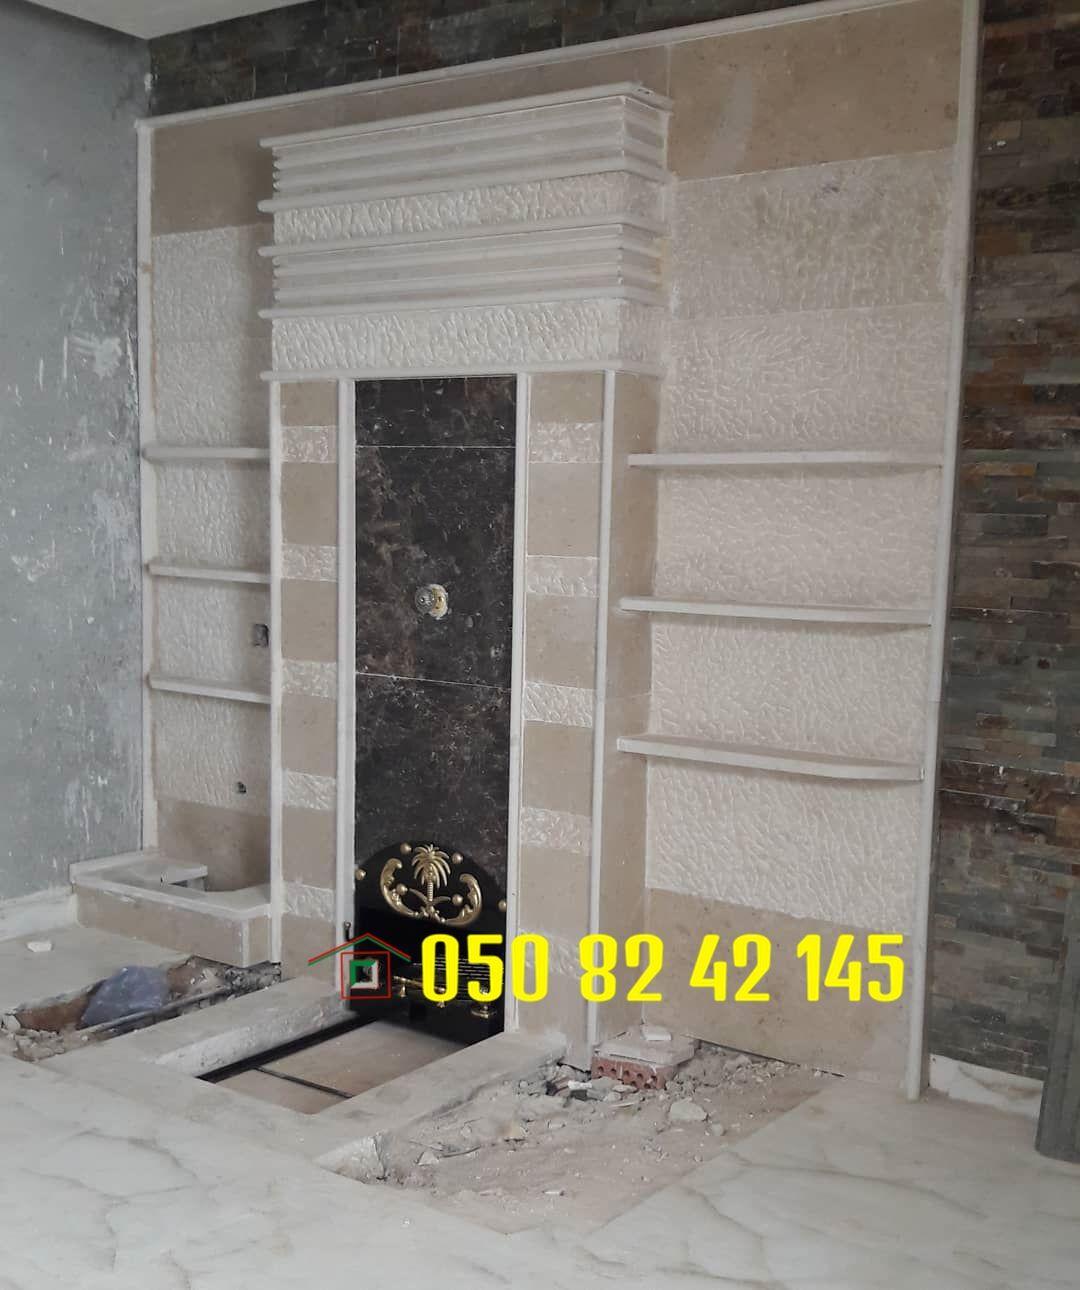 مشبات مشبات حجر ديكورات مشبات خشب انواع ديكورات المشبات مشبات حديثه مشبات الرياض ديكورات مشبات Home Decor Decor Fireplace